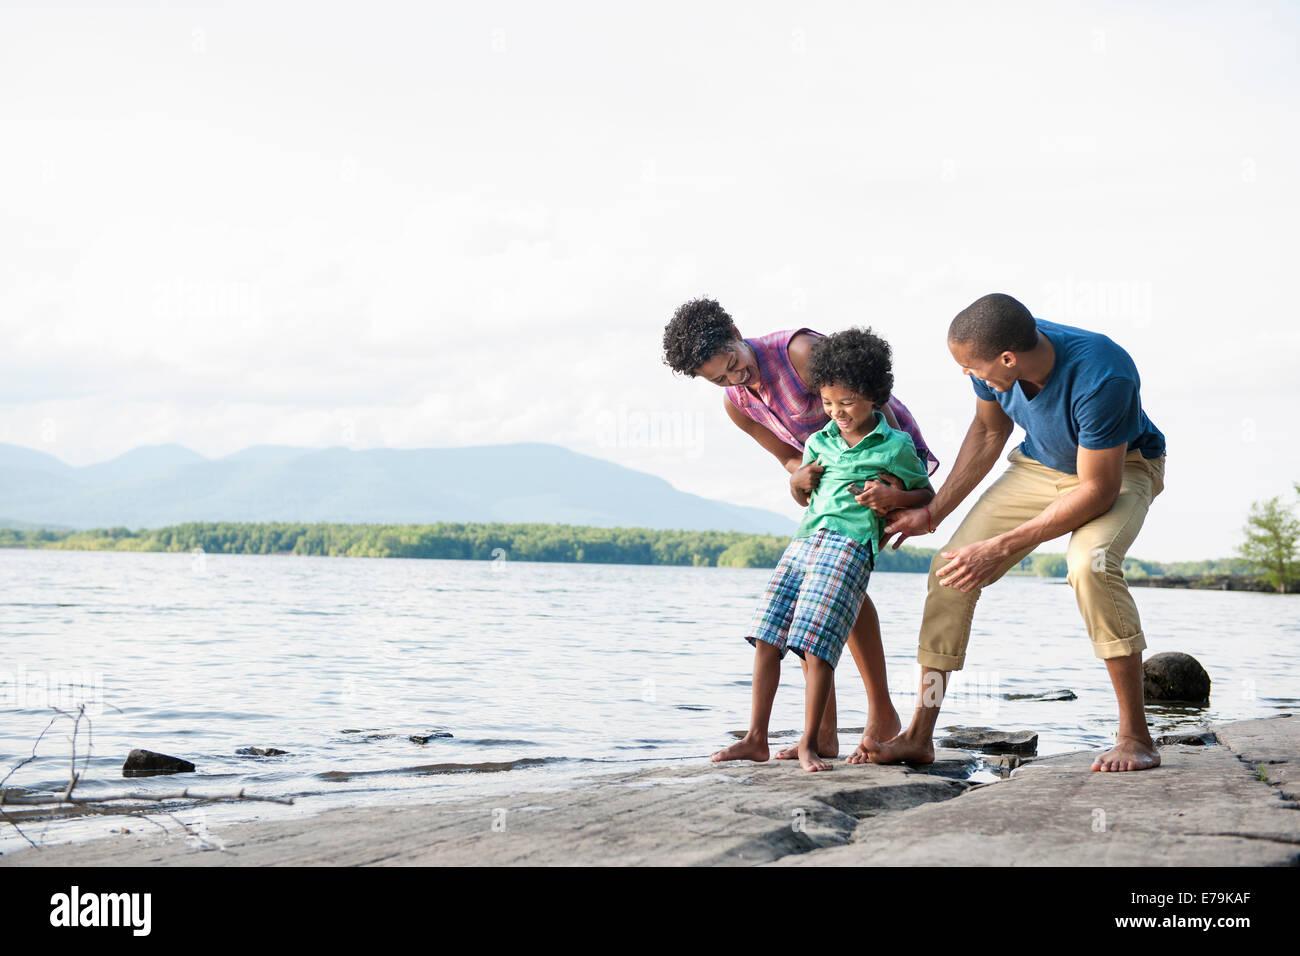 Uma família, mãe, pai e filho a jogar nas margens de um lago. Imagens de Stock